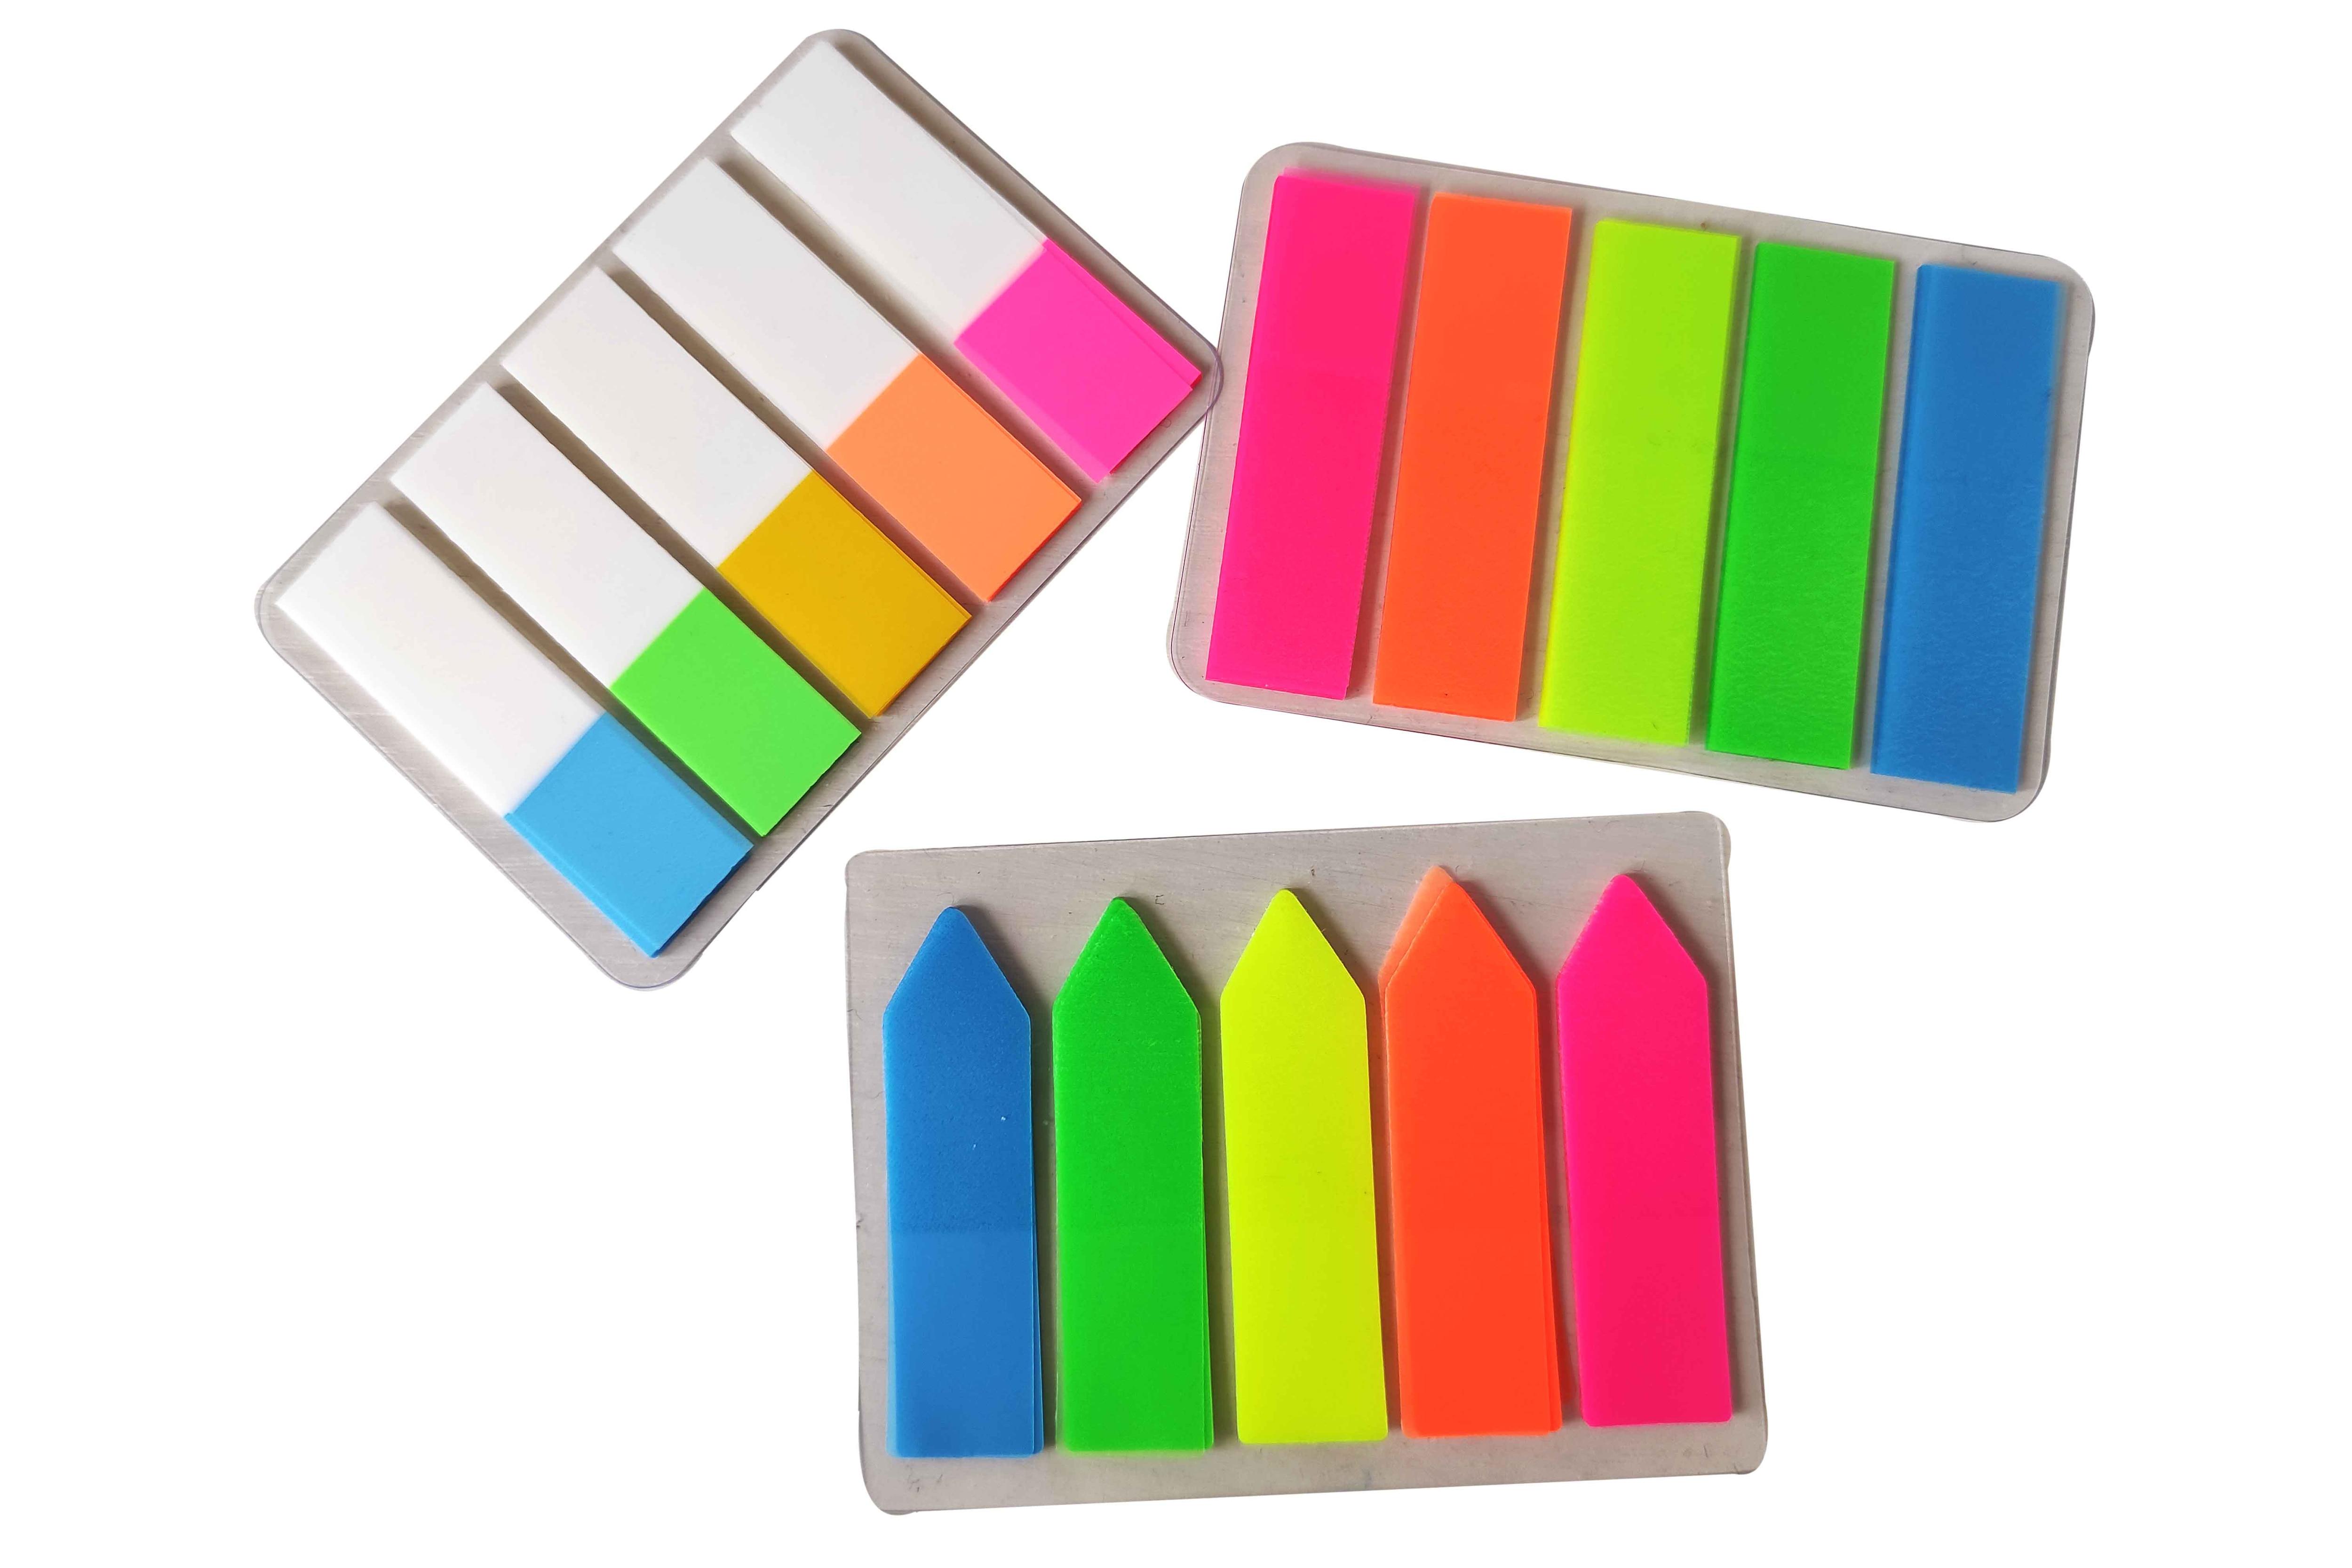 Красочные флуоресценции пленки самоклеющиеся Блокнот липкая закладка для заметок маркер индекс Бумага для школы офиса Применение